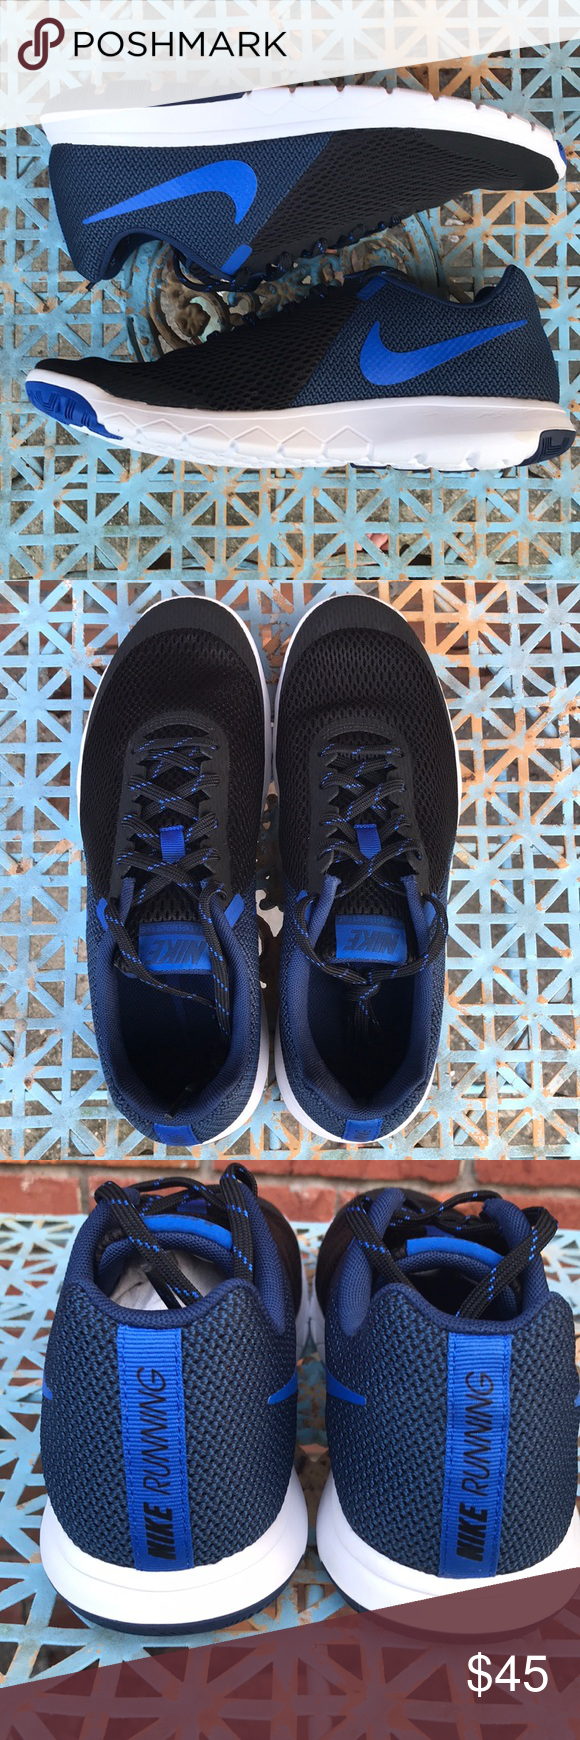 f0db766ae8c49 Nike Flex Experience RN 5 Mens 8.5 Black Cobalt Nike 844514 006 Flex  Experience Run 5 Black Cobalt Blue Size Mens 8.5 Nike Shoes Athletic Shoes